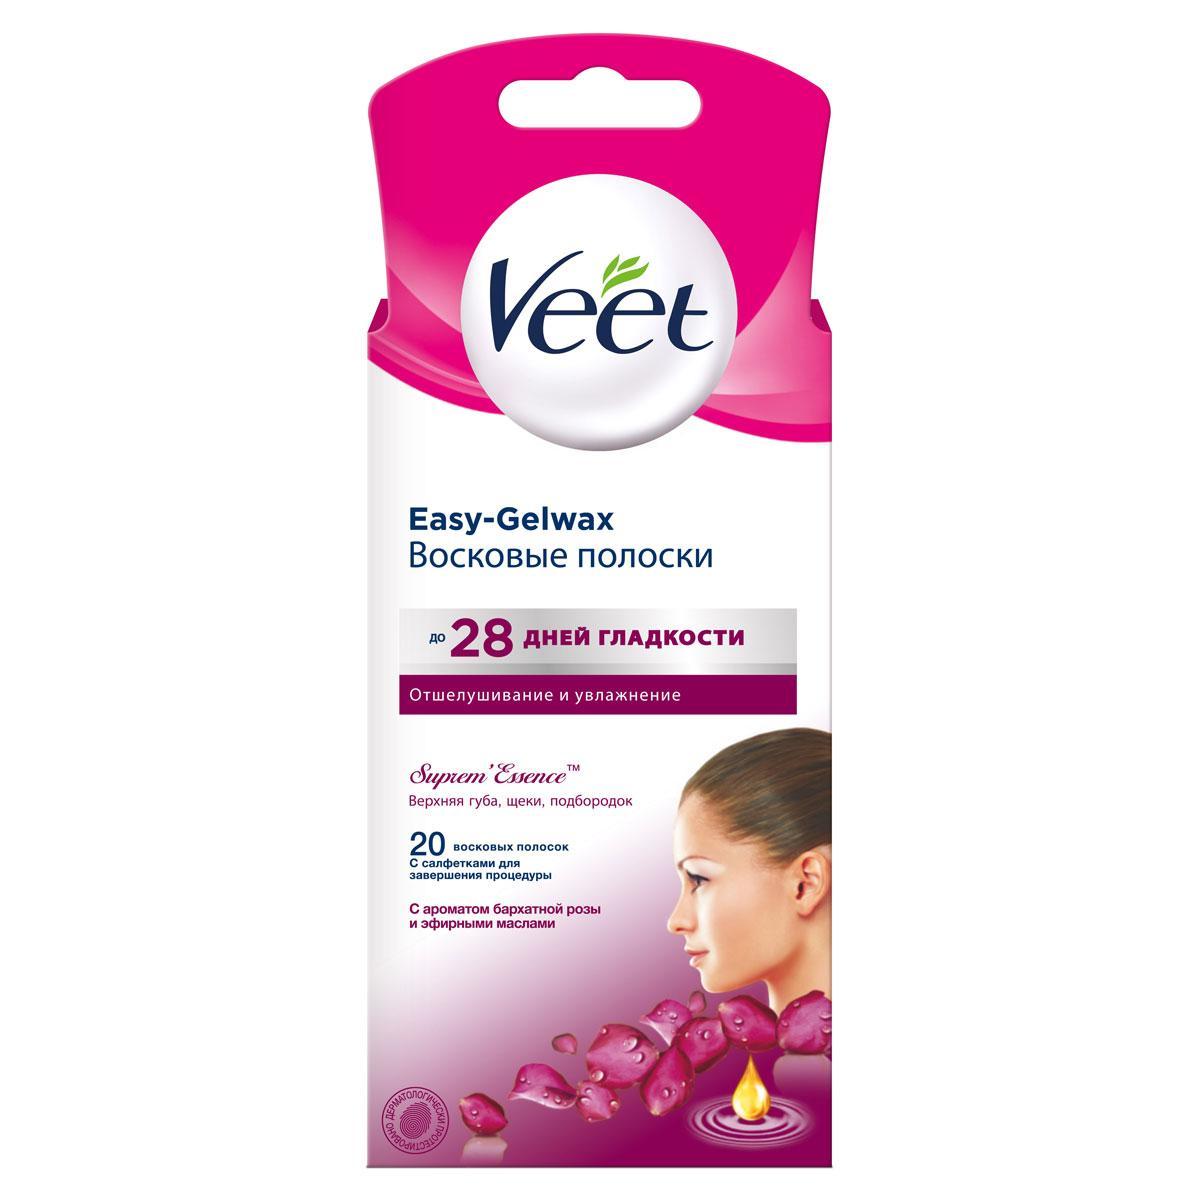 Восковые полоски для лица Veet Suprem'Essence c ароматом бархатной розы и эфирными маслами,  18 шт